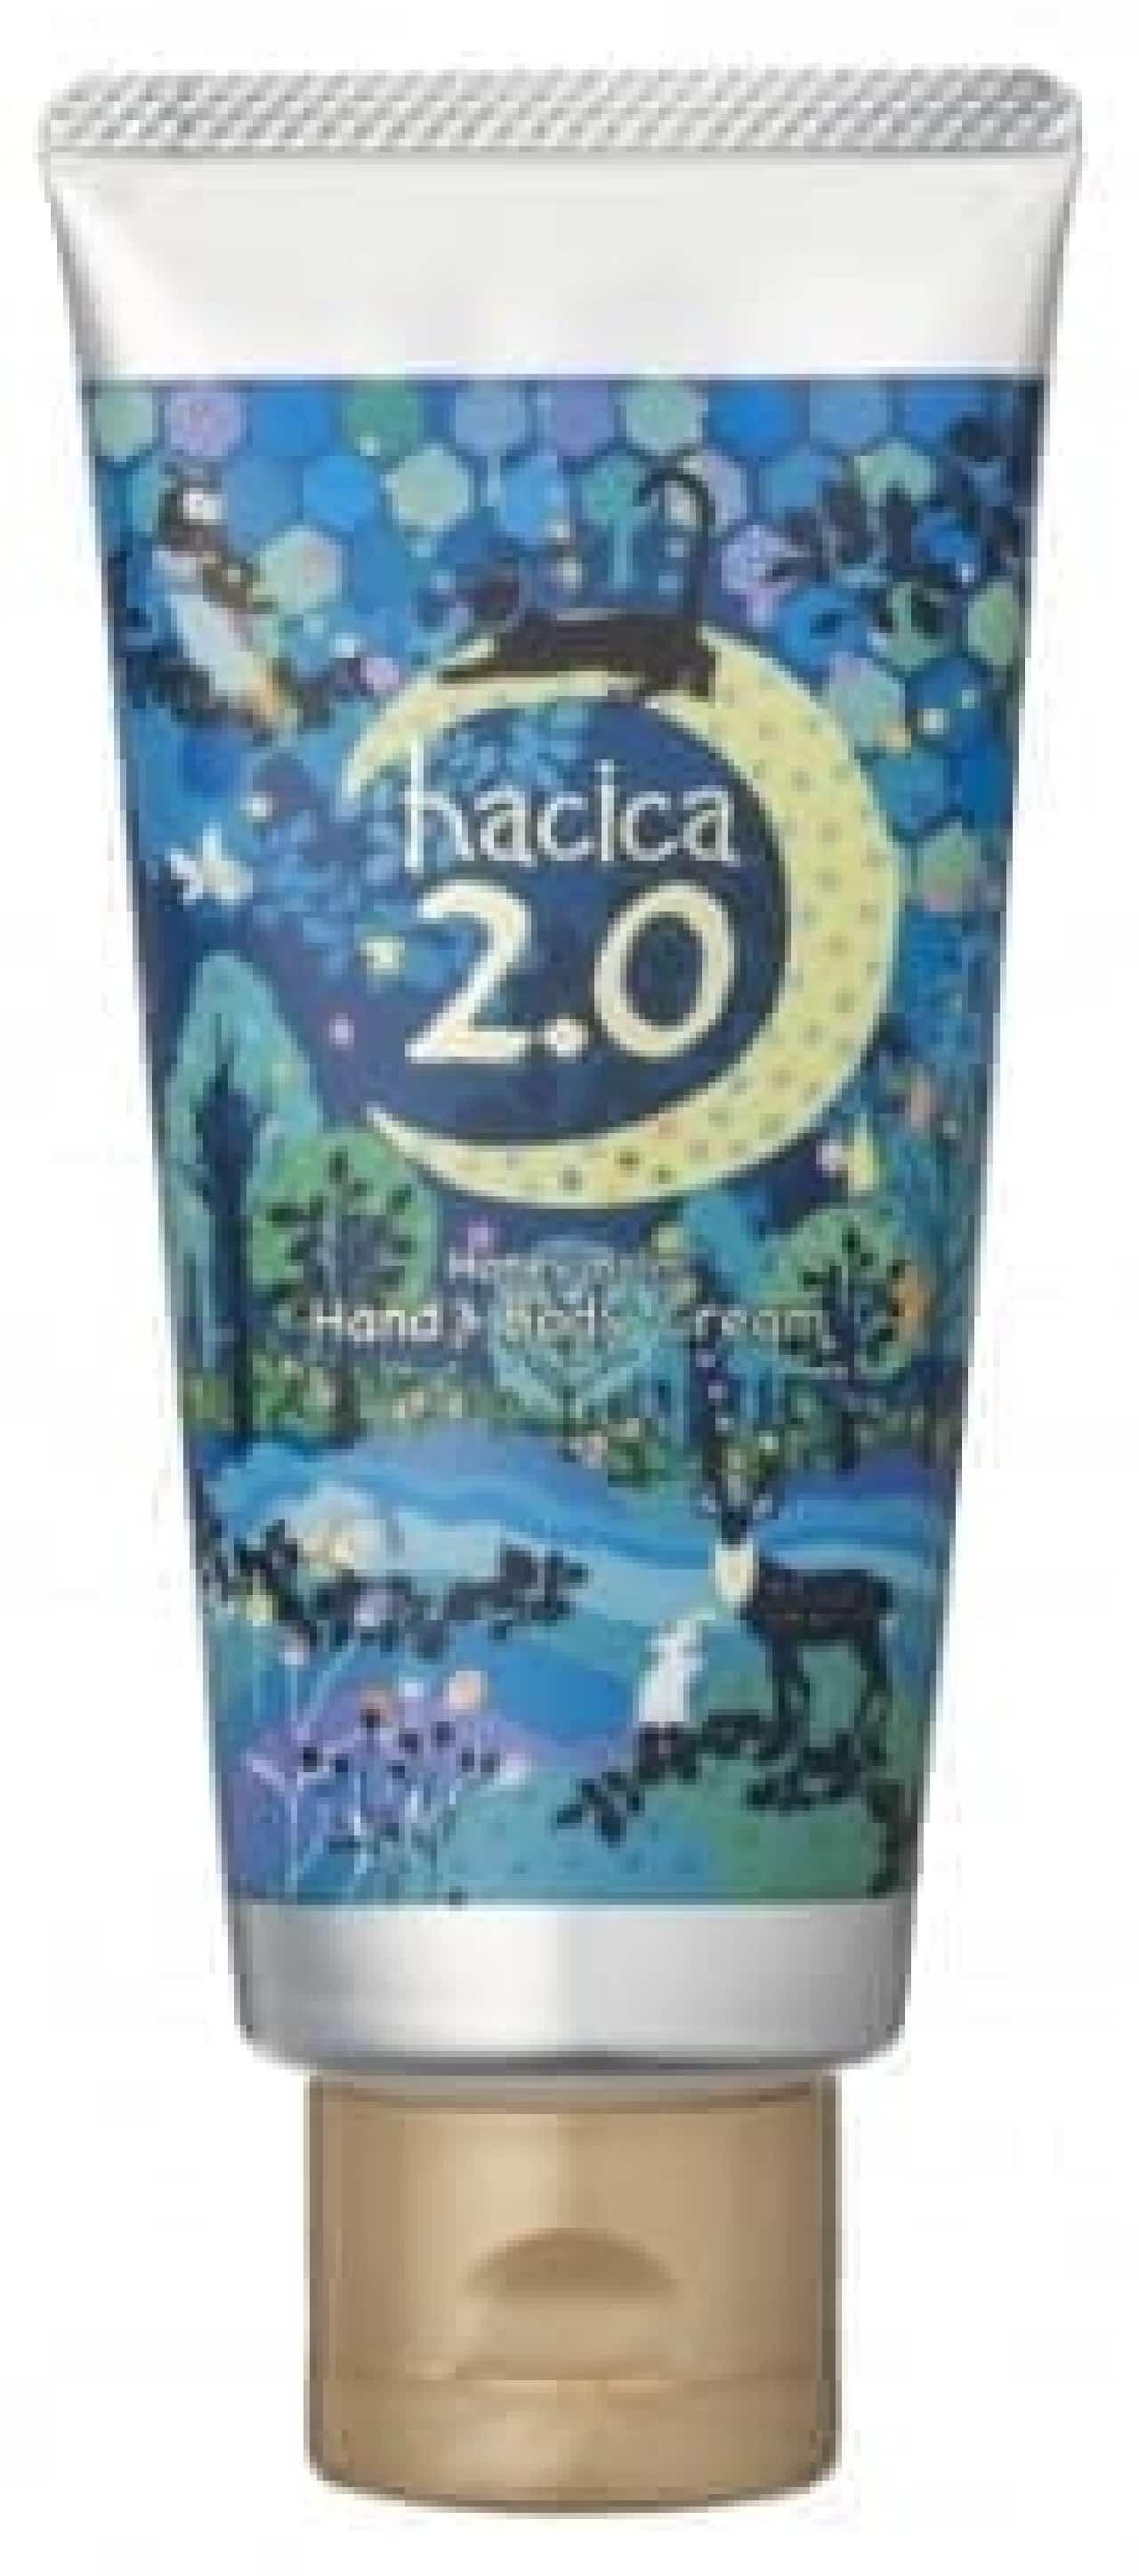 ハチカのハニーバーム ハンド&ボディクリーム 2.0